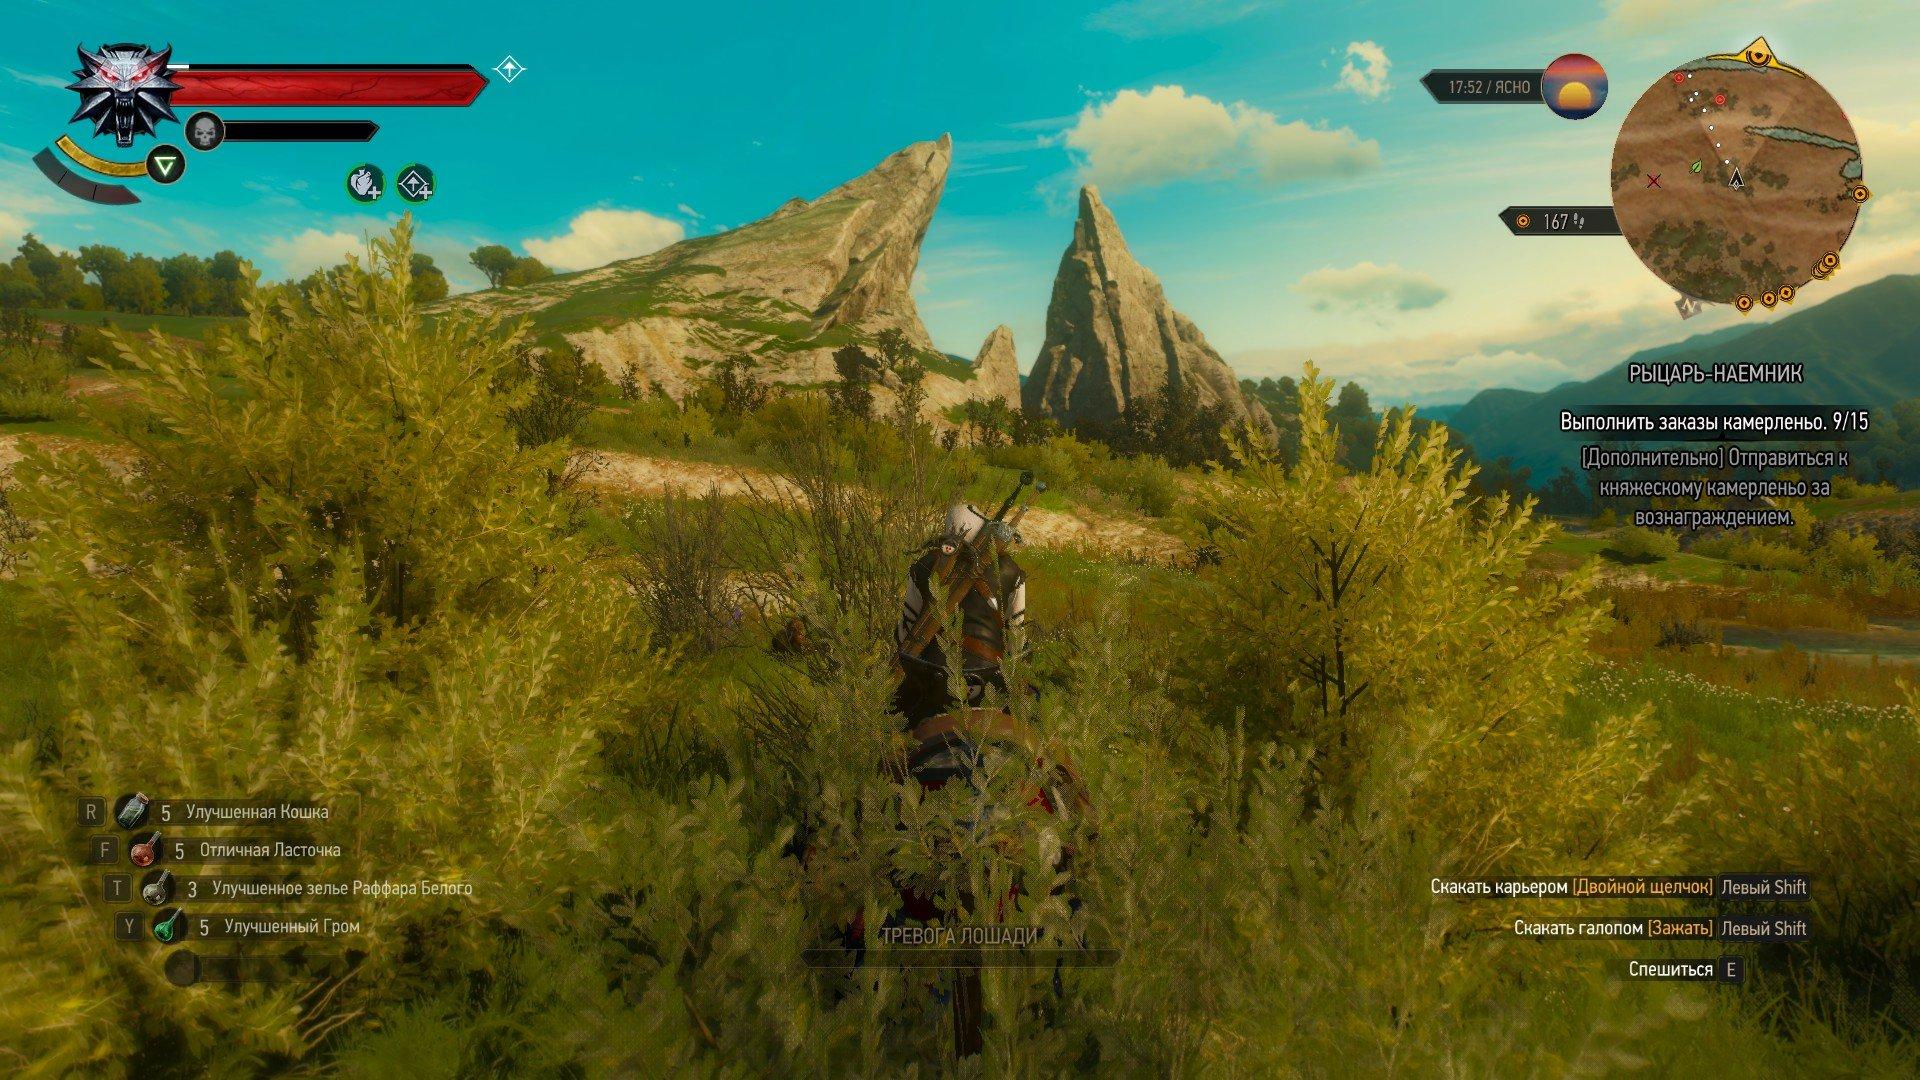 Вопль-прохождение Witcher 3: Кровь и Вино ... ФИНАЛ!!! [ВНИМАНИЕ, СПОЙЛЕРЫ] - Изображение 12